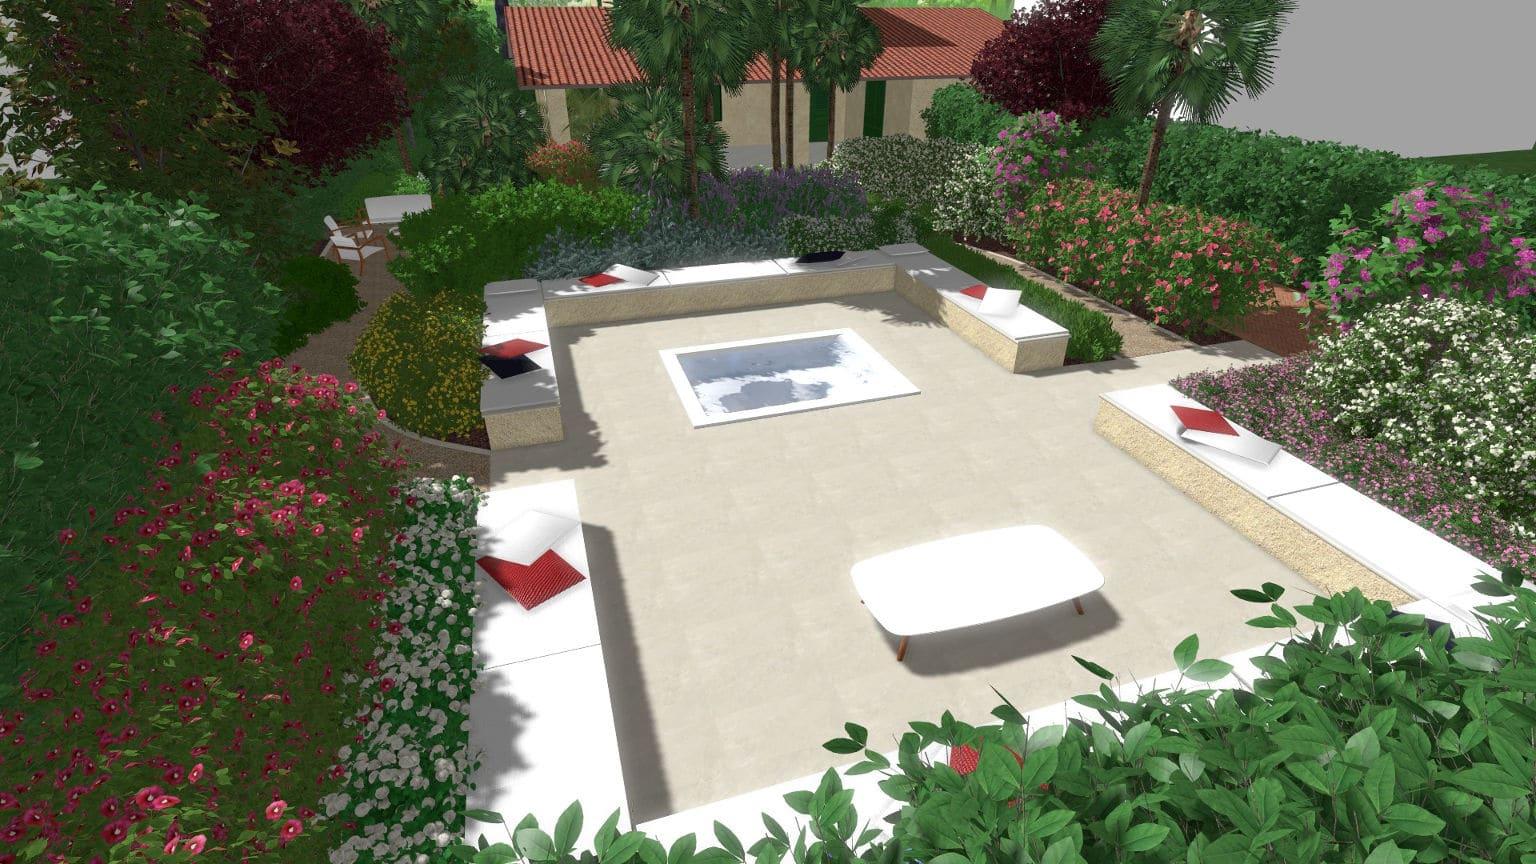 Progettare giardino perfect il giardino sullisola di korcula croazia il with progettare - Progettare il giardino ...